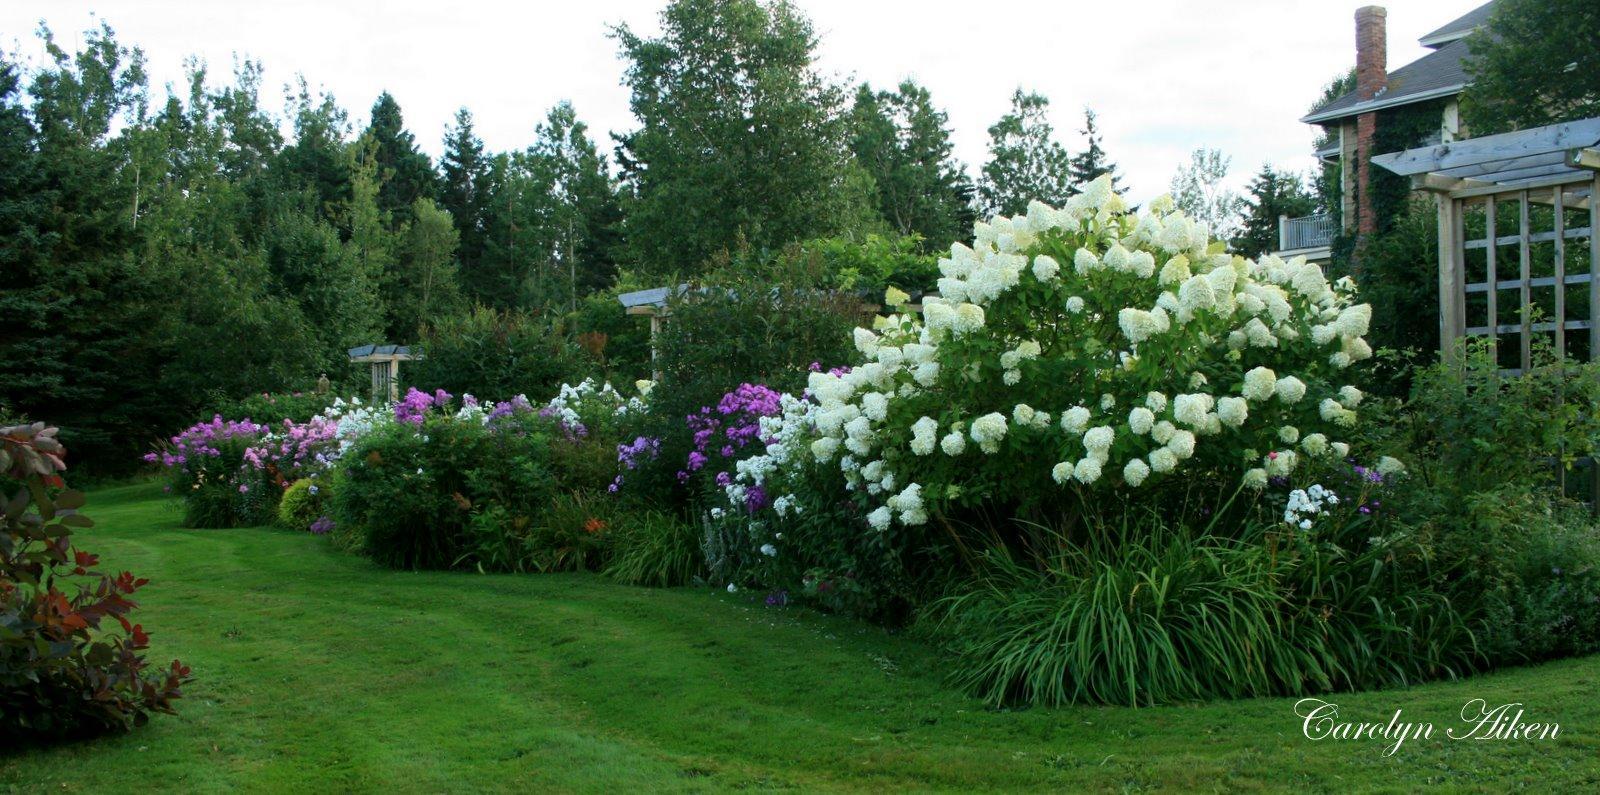 ... keď záhrada rozkvitne ... - Obrázok č. 9